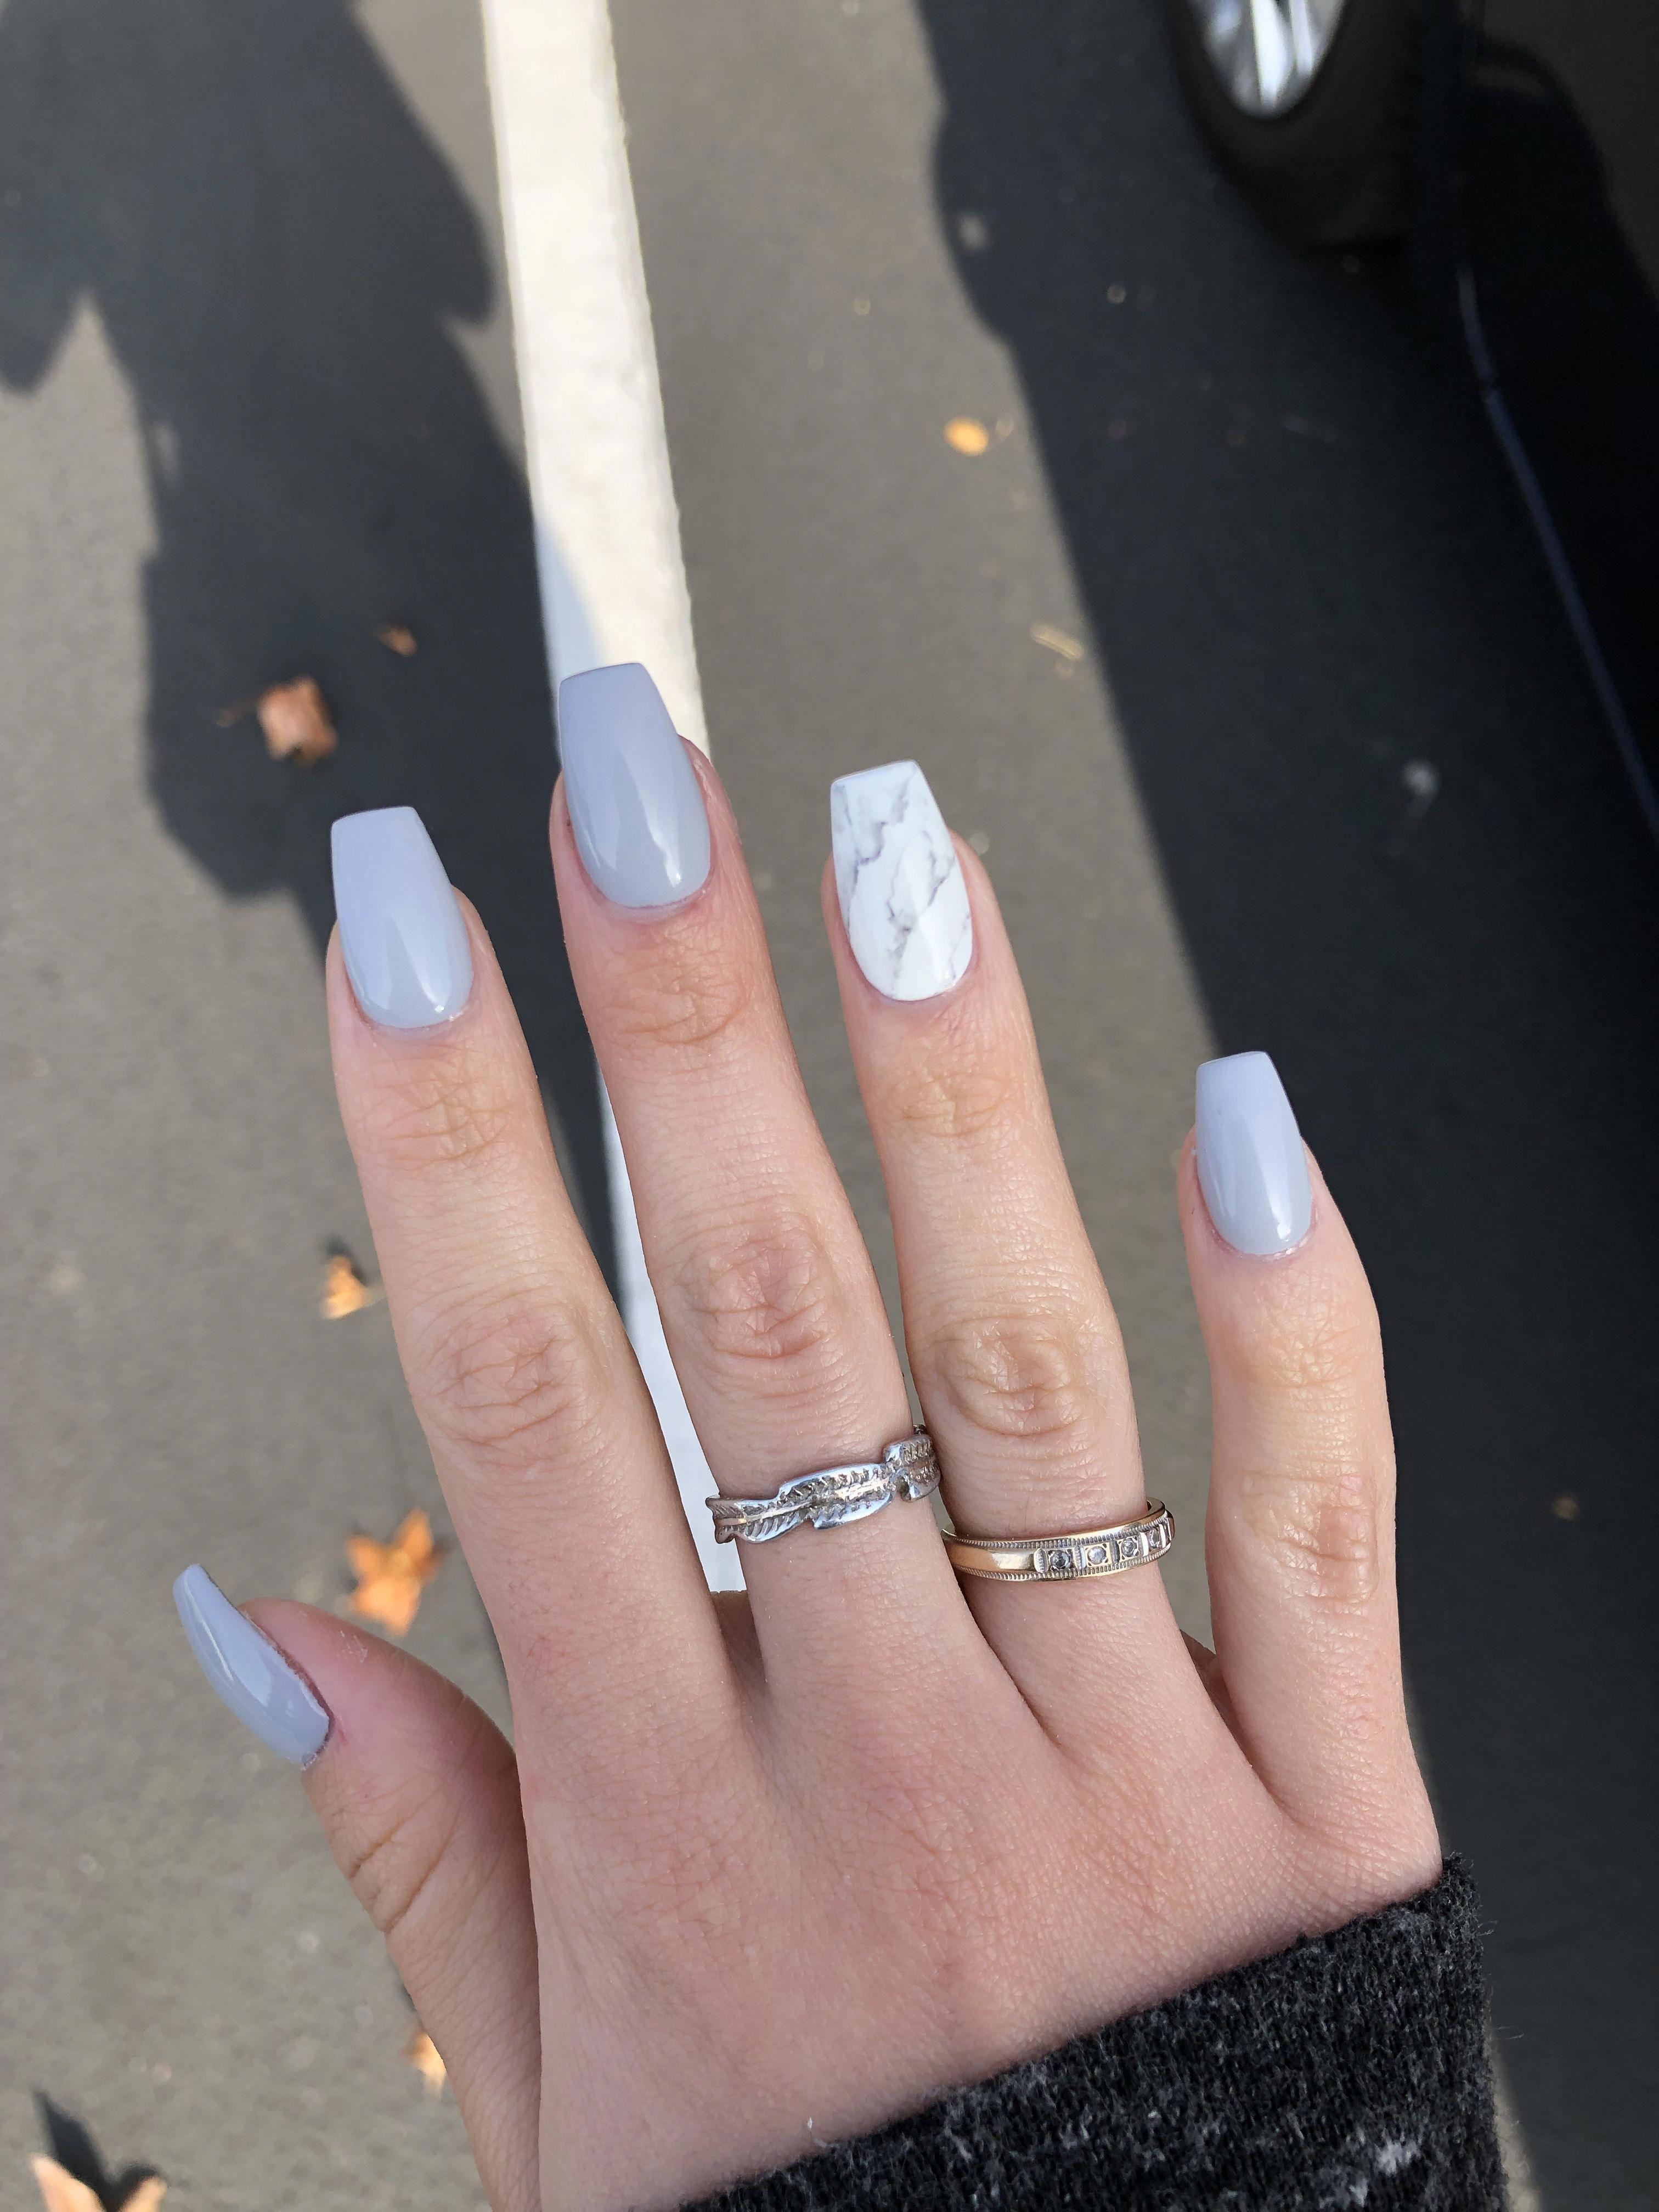 Grey Nails Acrylic Marble Nails Coffin Nails Acrylicnailsforsummer Acrylicnailideas Acrylic In 2020 Acrylic Nails Coffin Short Grey Acrylic Nails Best Acrylic Nails